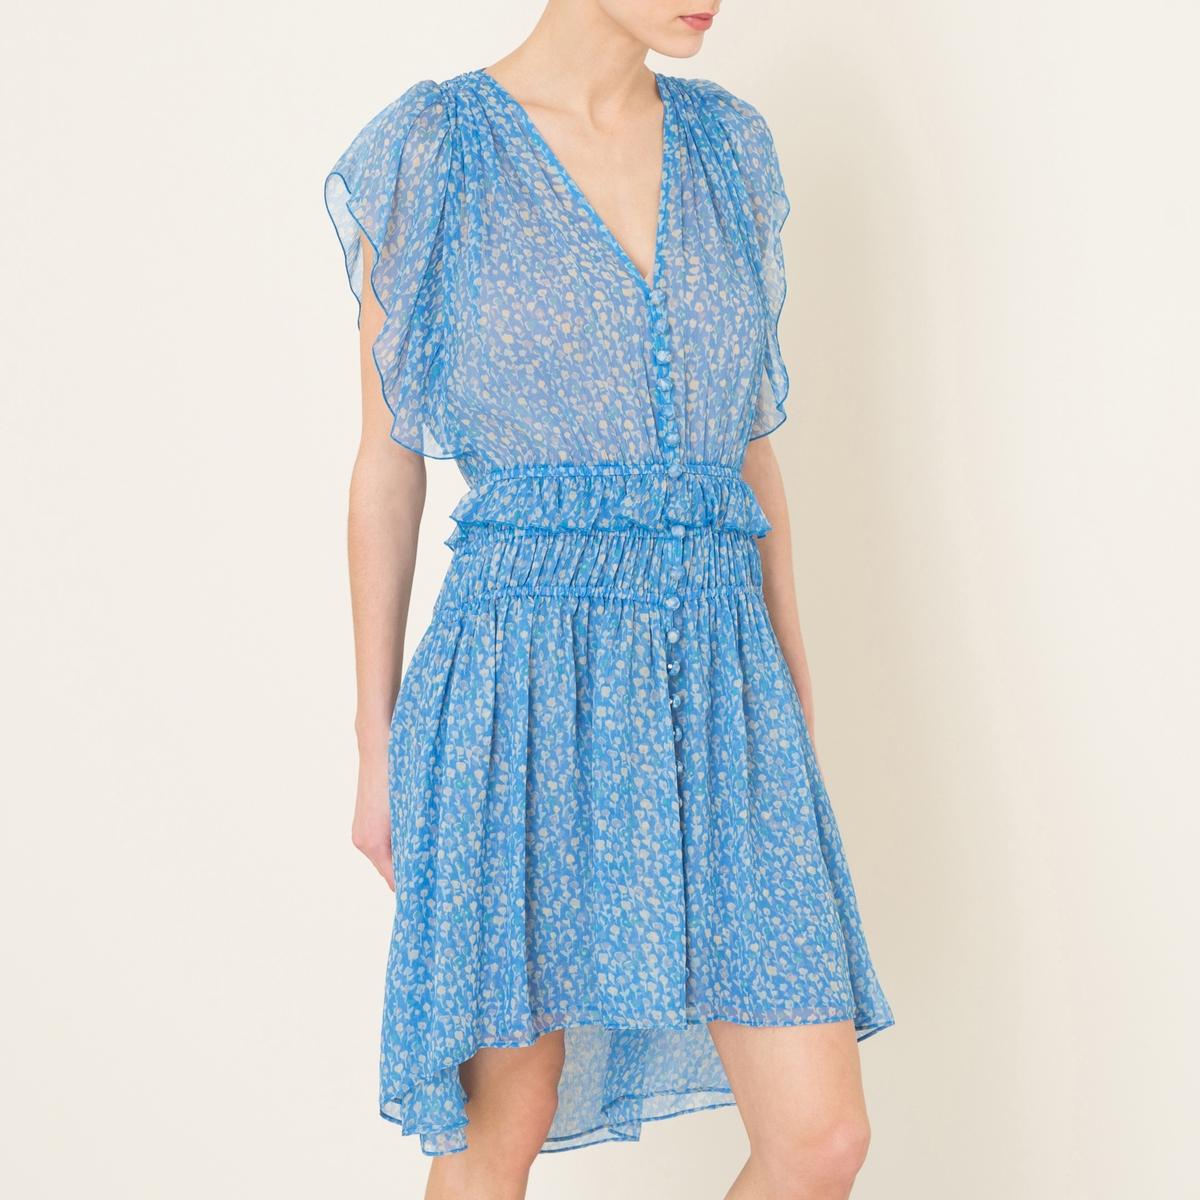 Платье шелковое с рисункомСостав и описание    Материал : 100% шелкПодкладка 100% полиэстер   Марка : THE KOOPLES<br><br>Цвет: синий